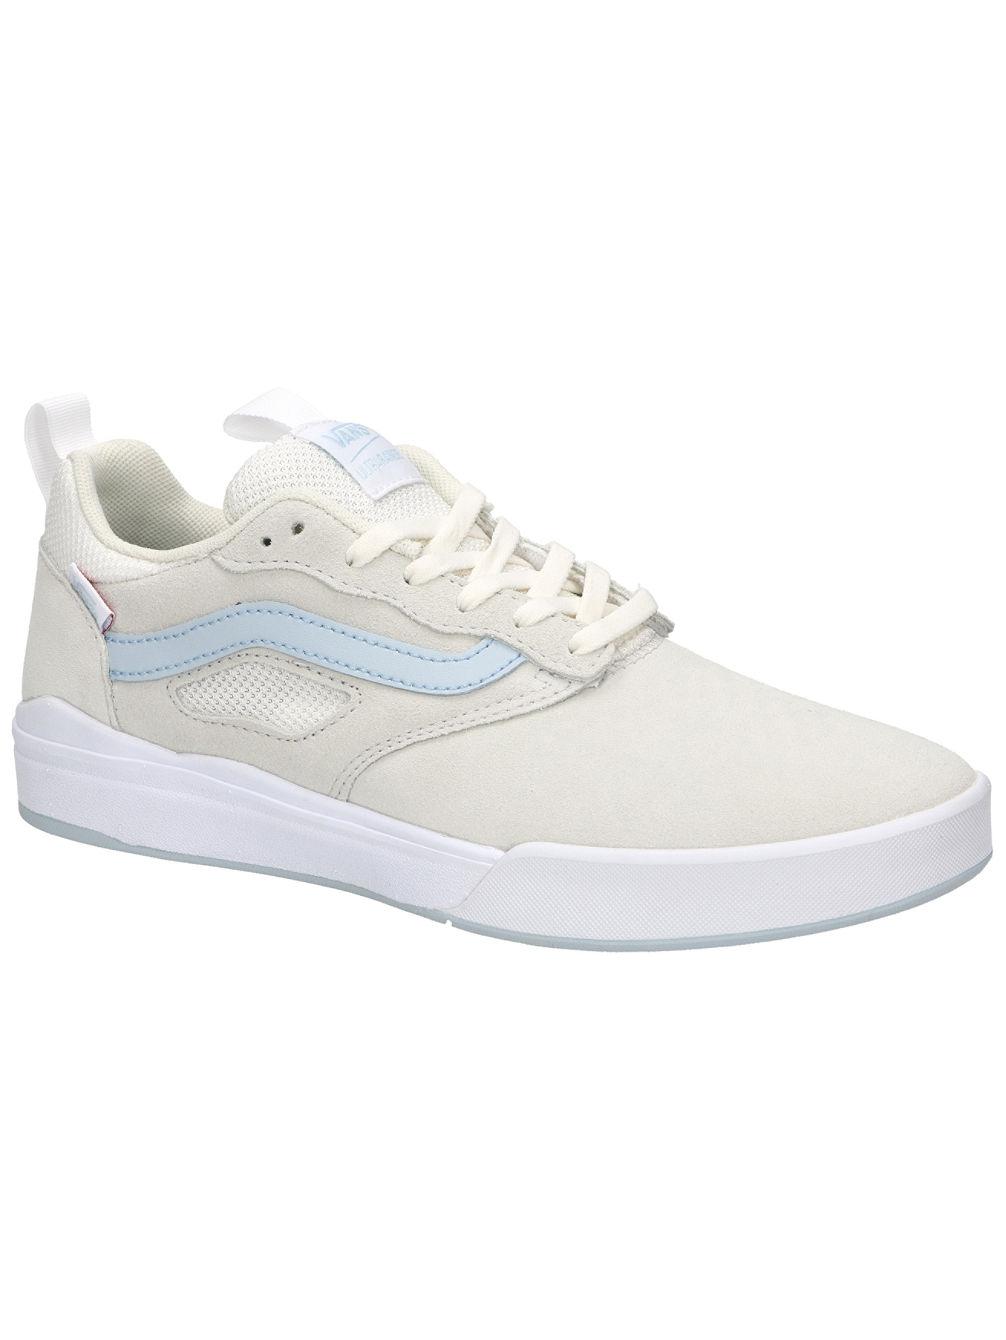 7c9248b1b62ce5 Buy Vans Center Court Ultrarange Pro Skate Shoes online at Blue Tomato